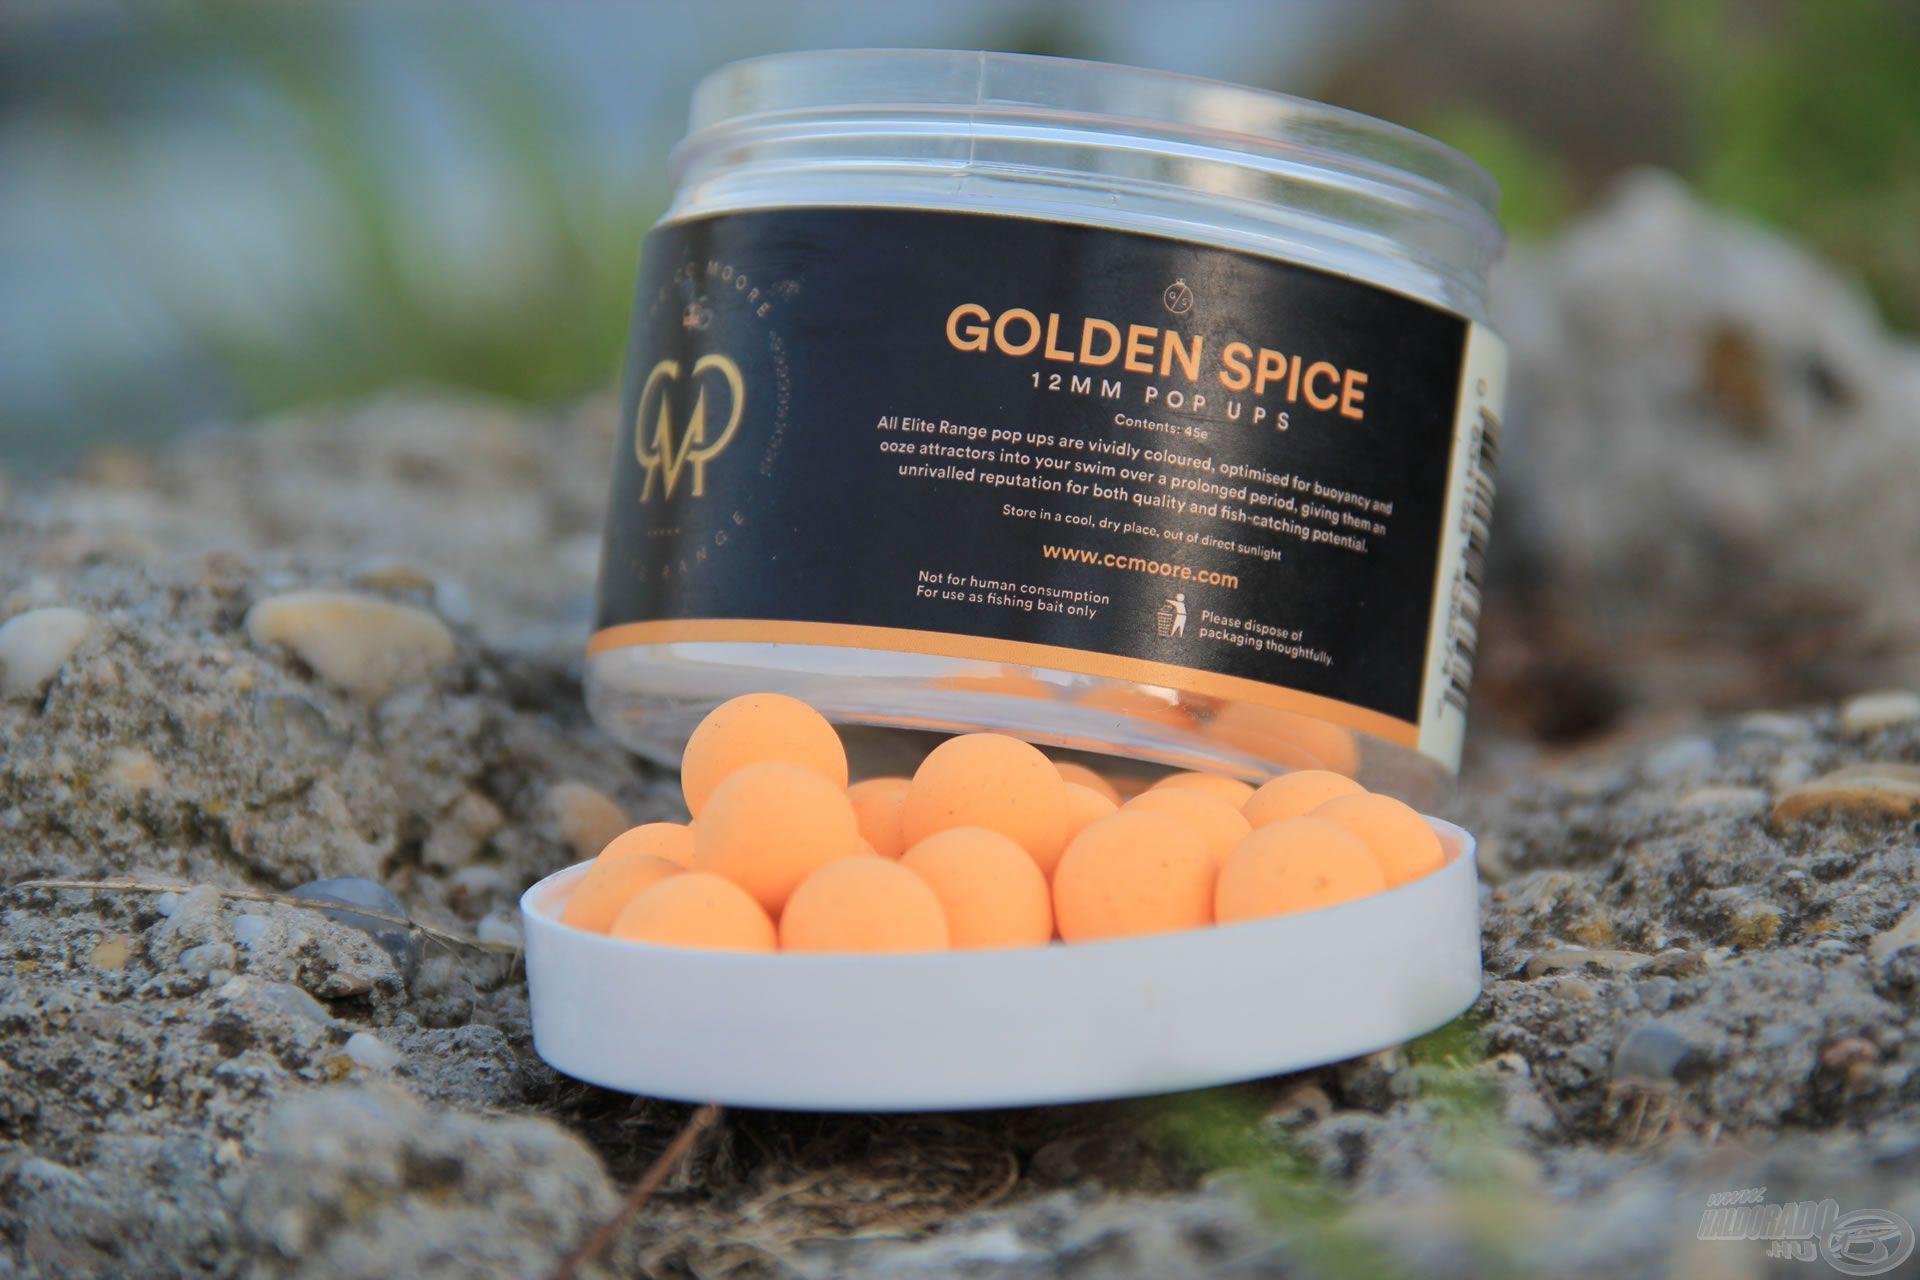 A Golden Spice is látókörbe került